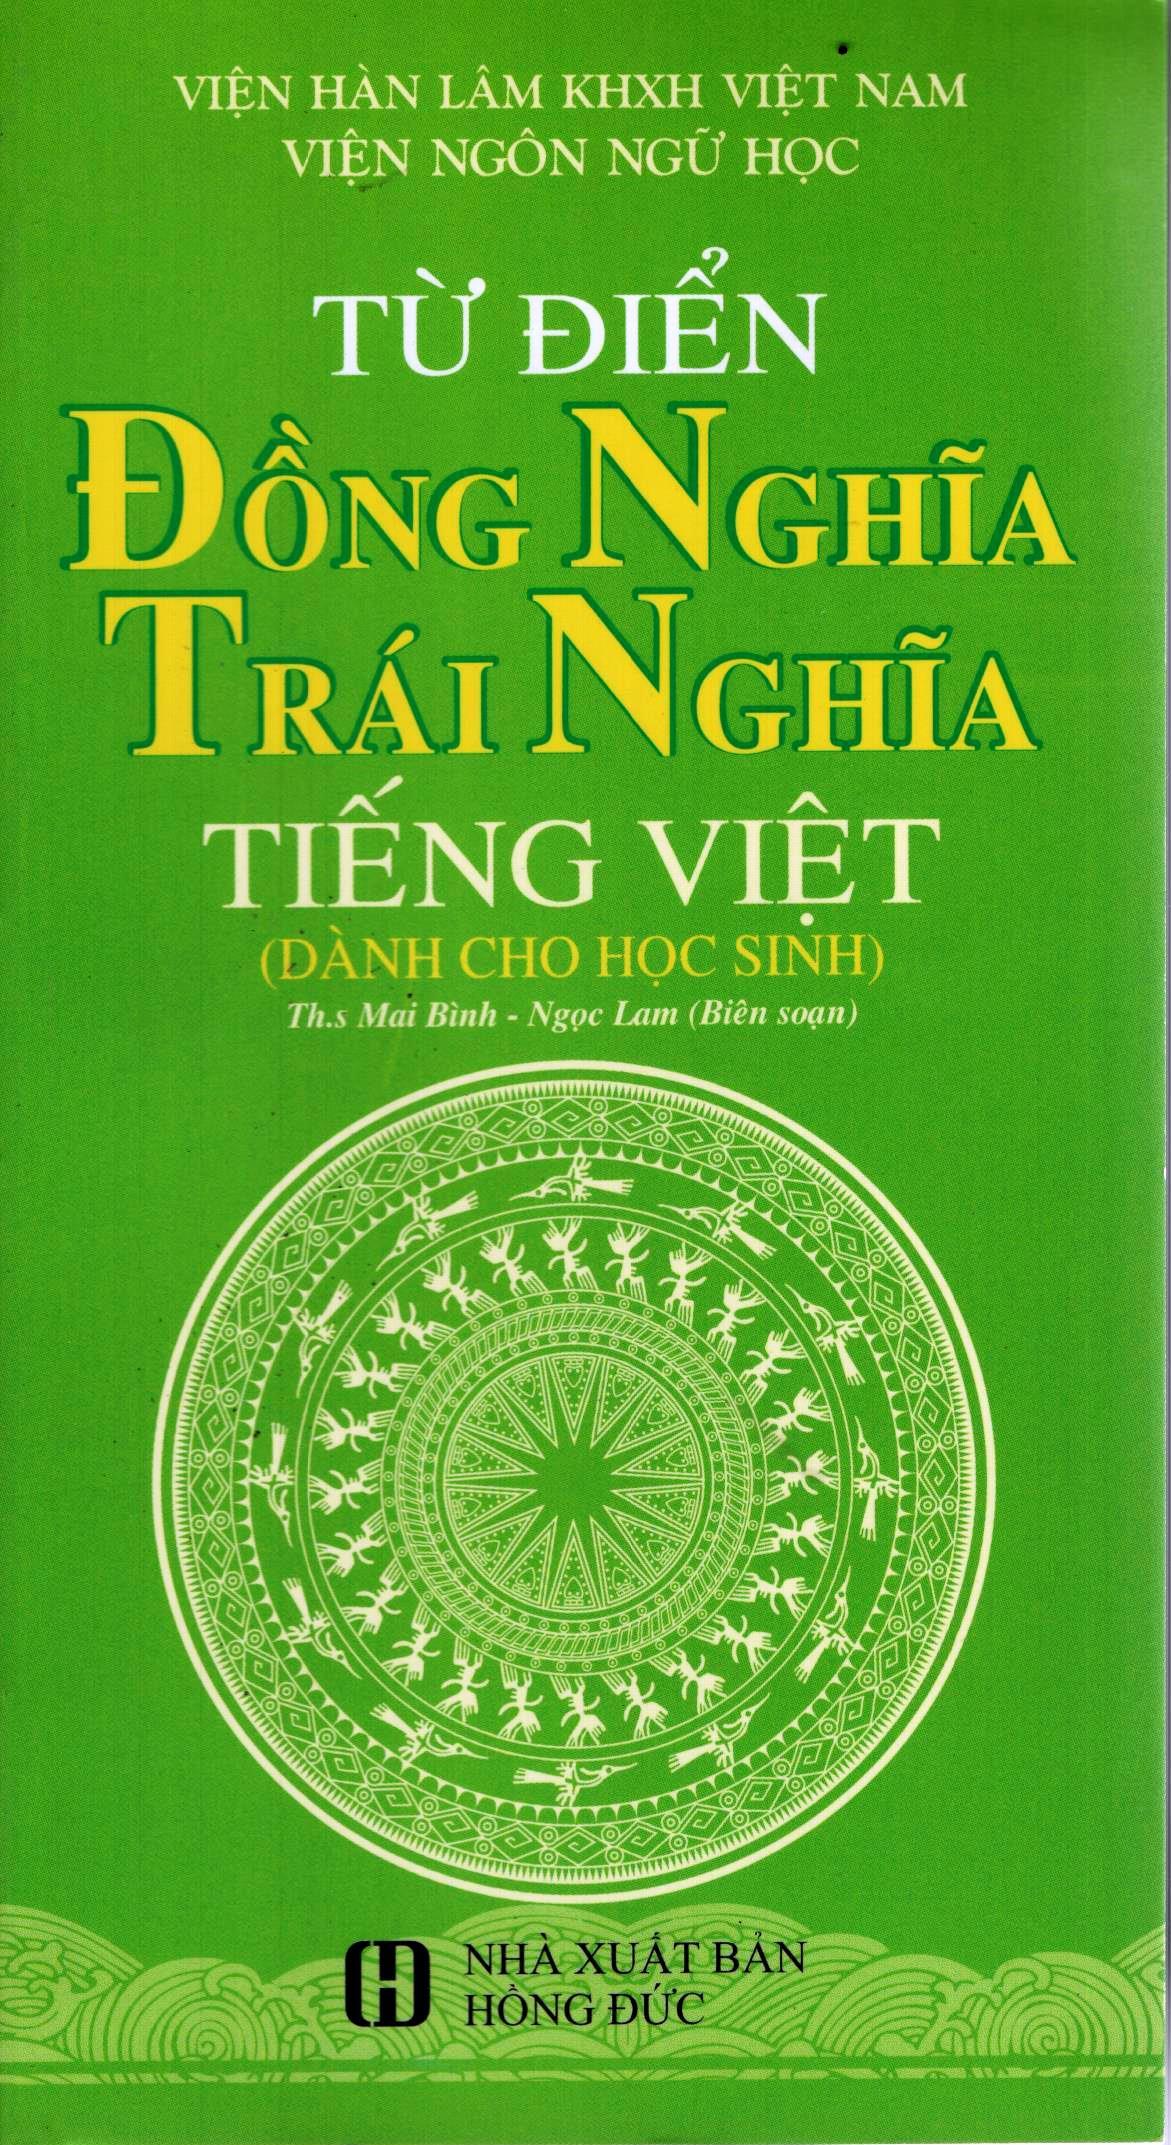 Bìa sách Từ Điển Đồng Nghĩa Trái Nghĩa Tiếng Việt (Dành Cho Học Sinh)